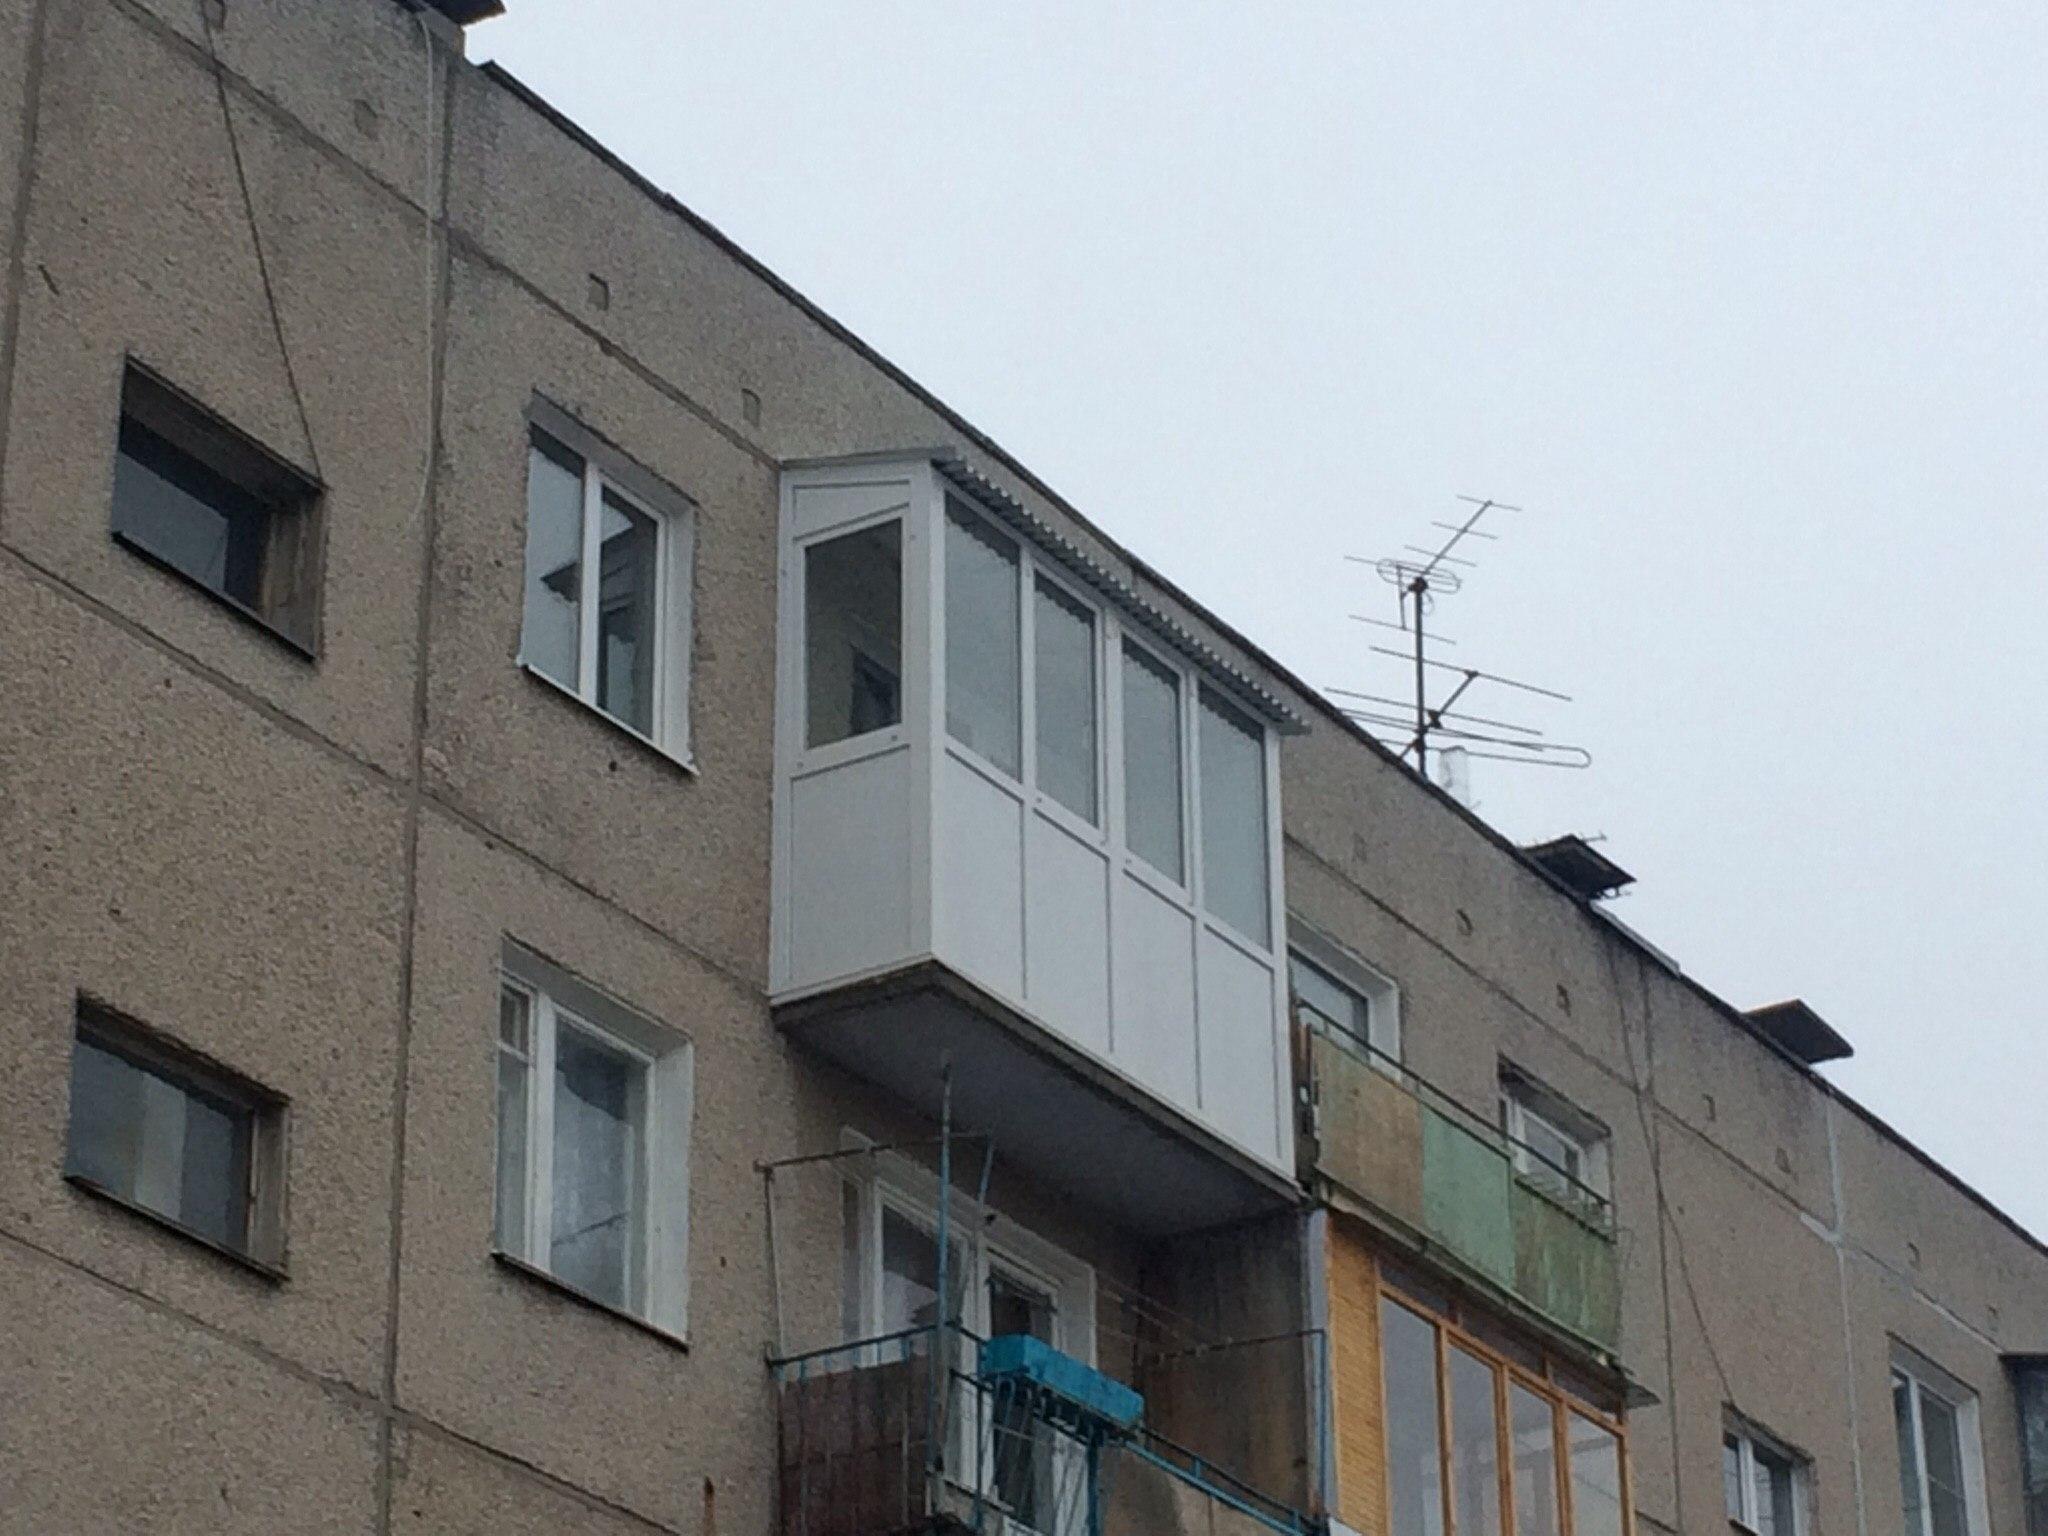 фото балконов на последнем этаже бы, где подшипники